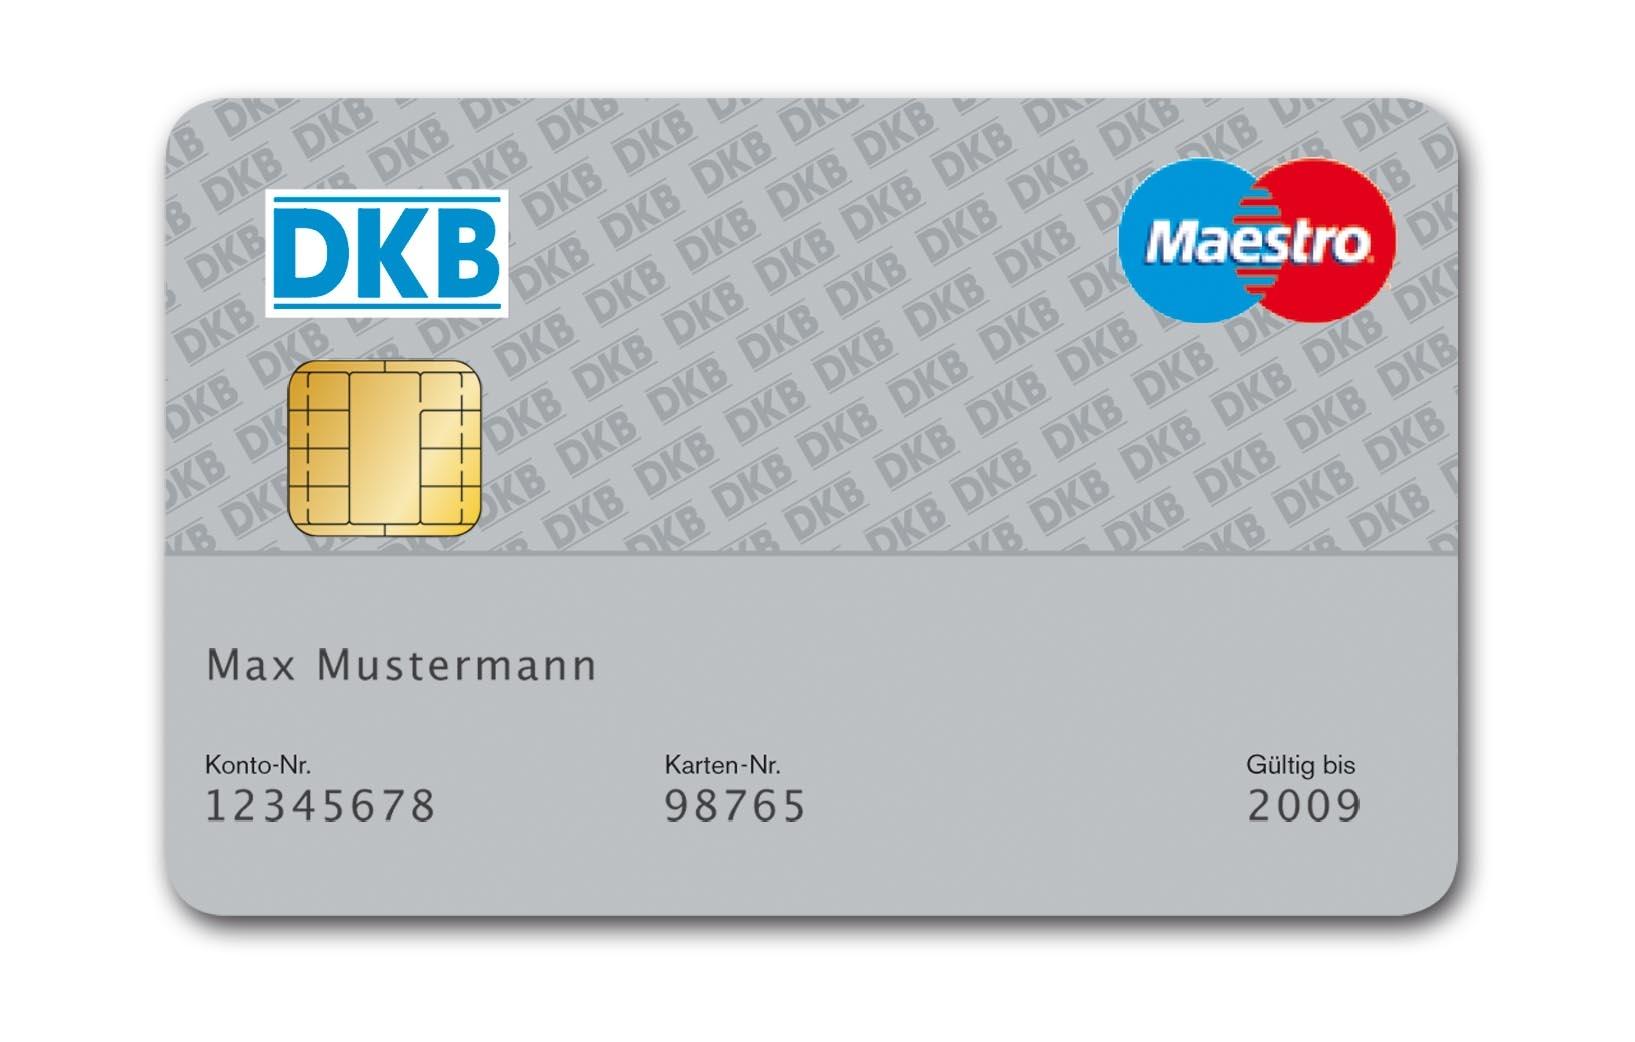 DKB EC Karte